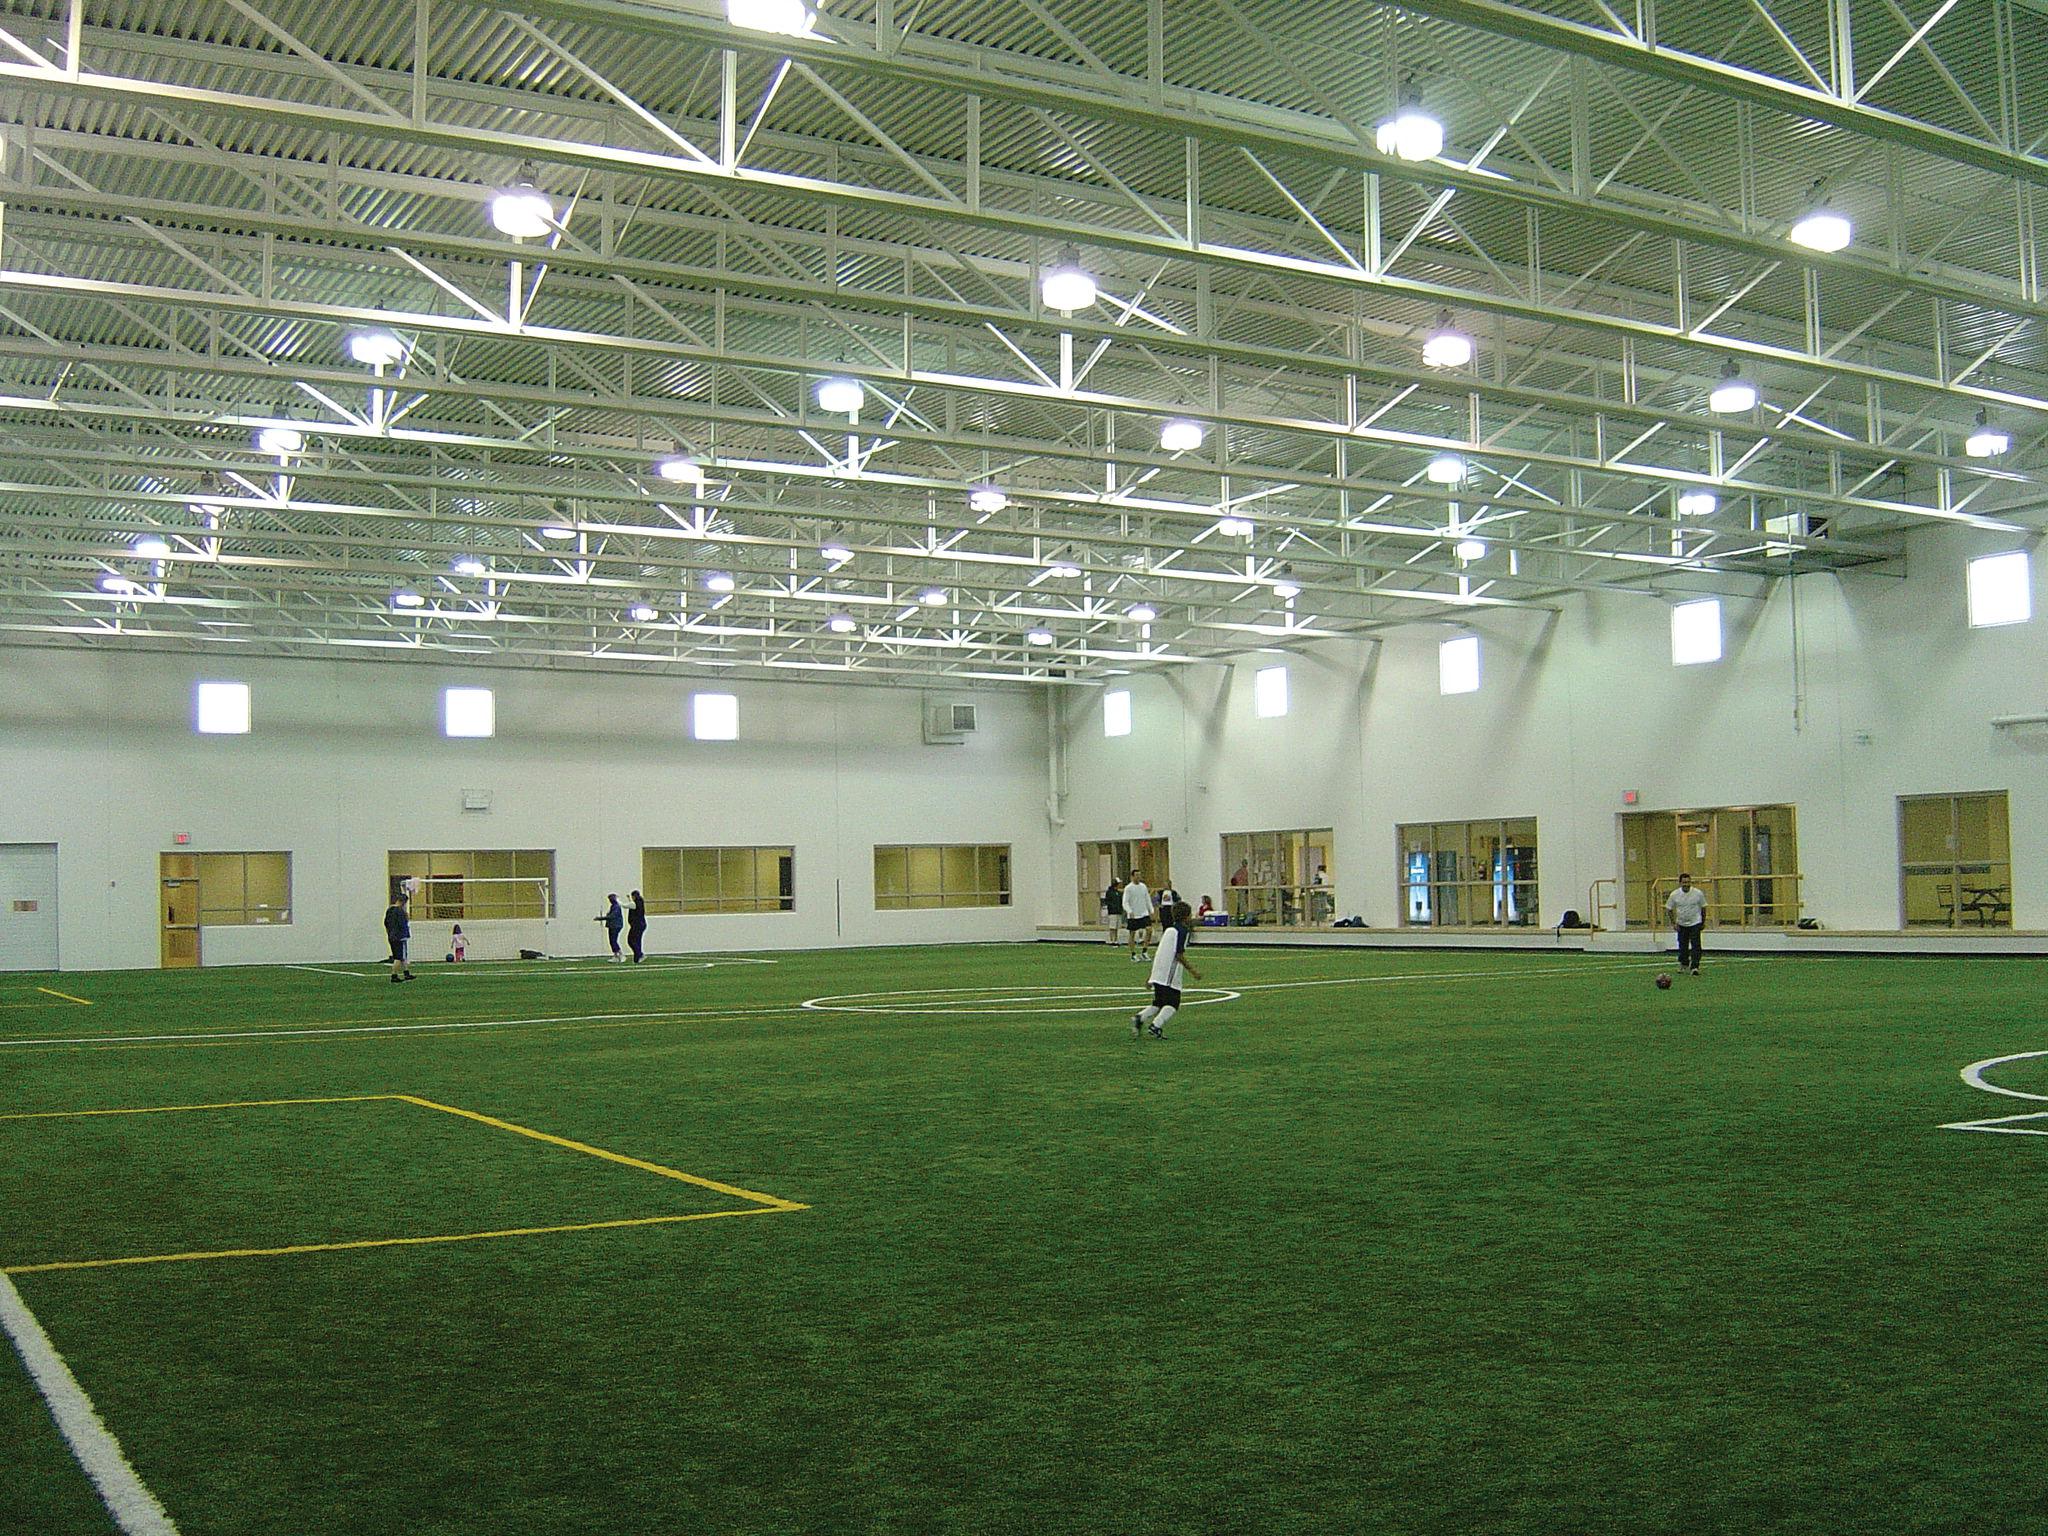 REC_Bowmanville Indoor Soccerinterior_1.png